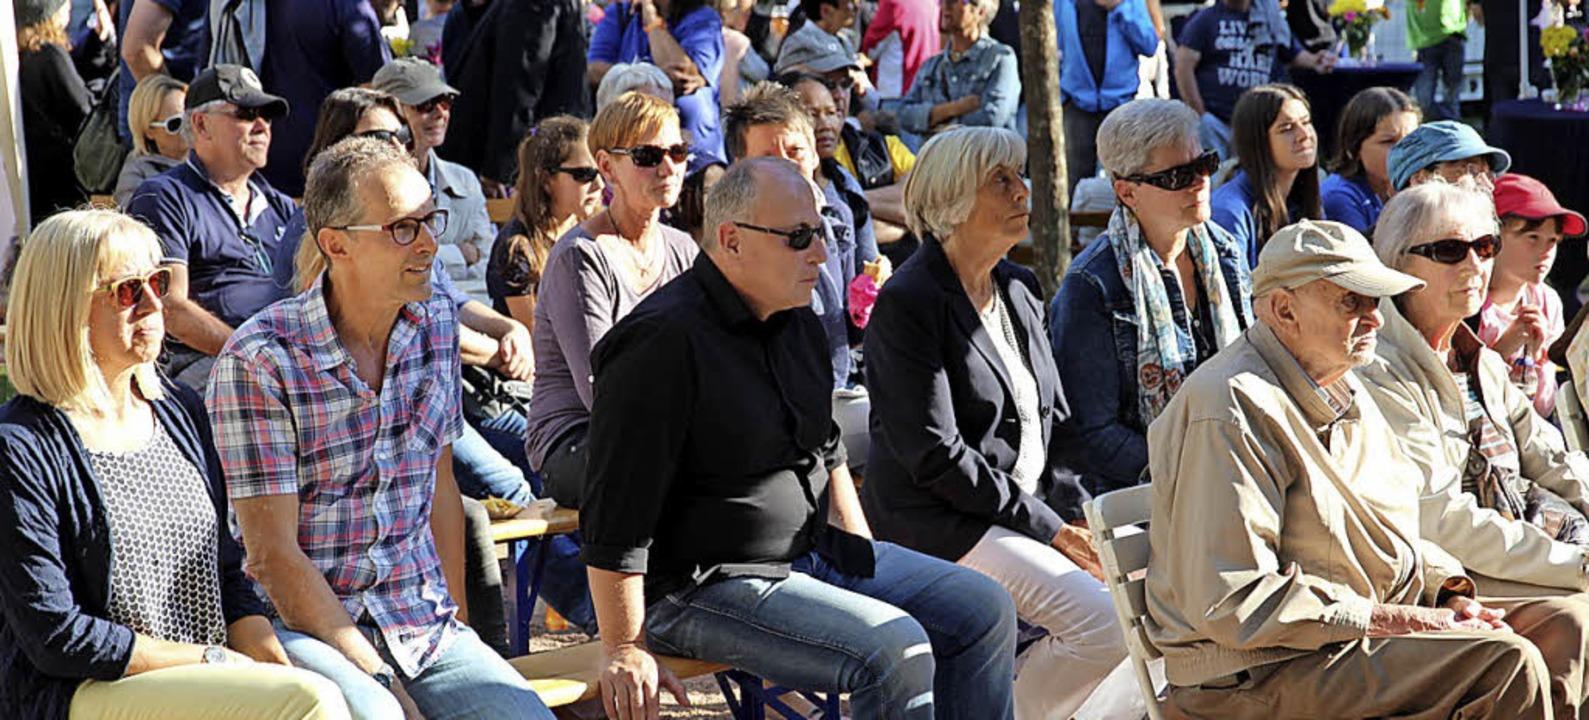 Viele Zuhörer lauschten der musikalisc...tmusik und dem Musikverein Appenweier.  | Foto: Eva Korinth